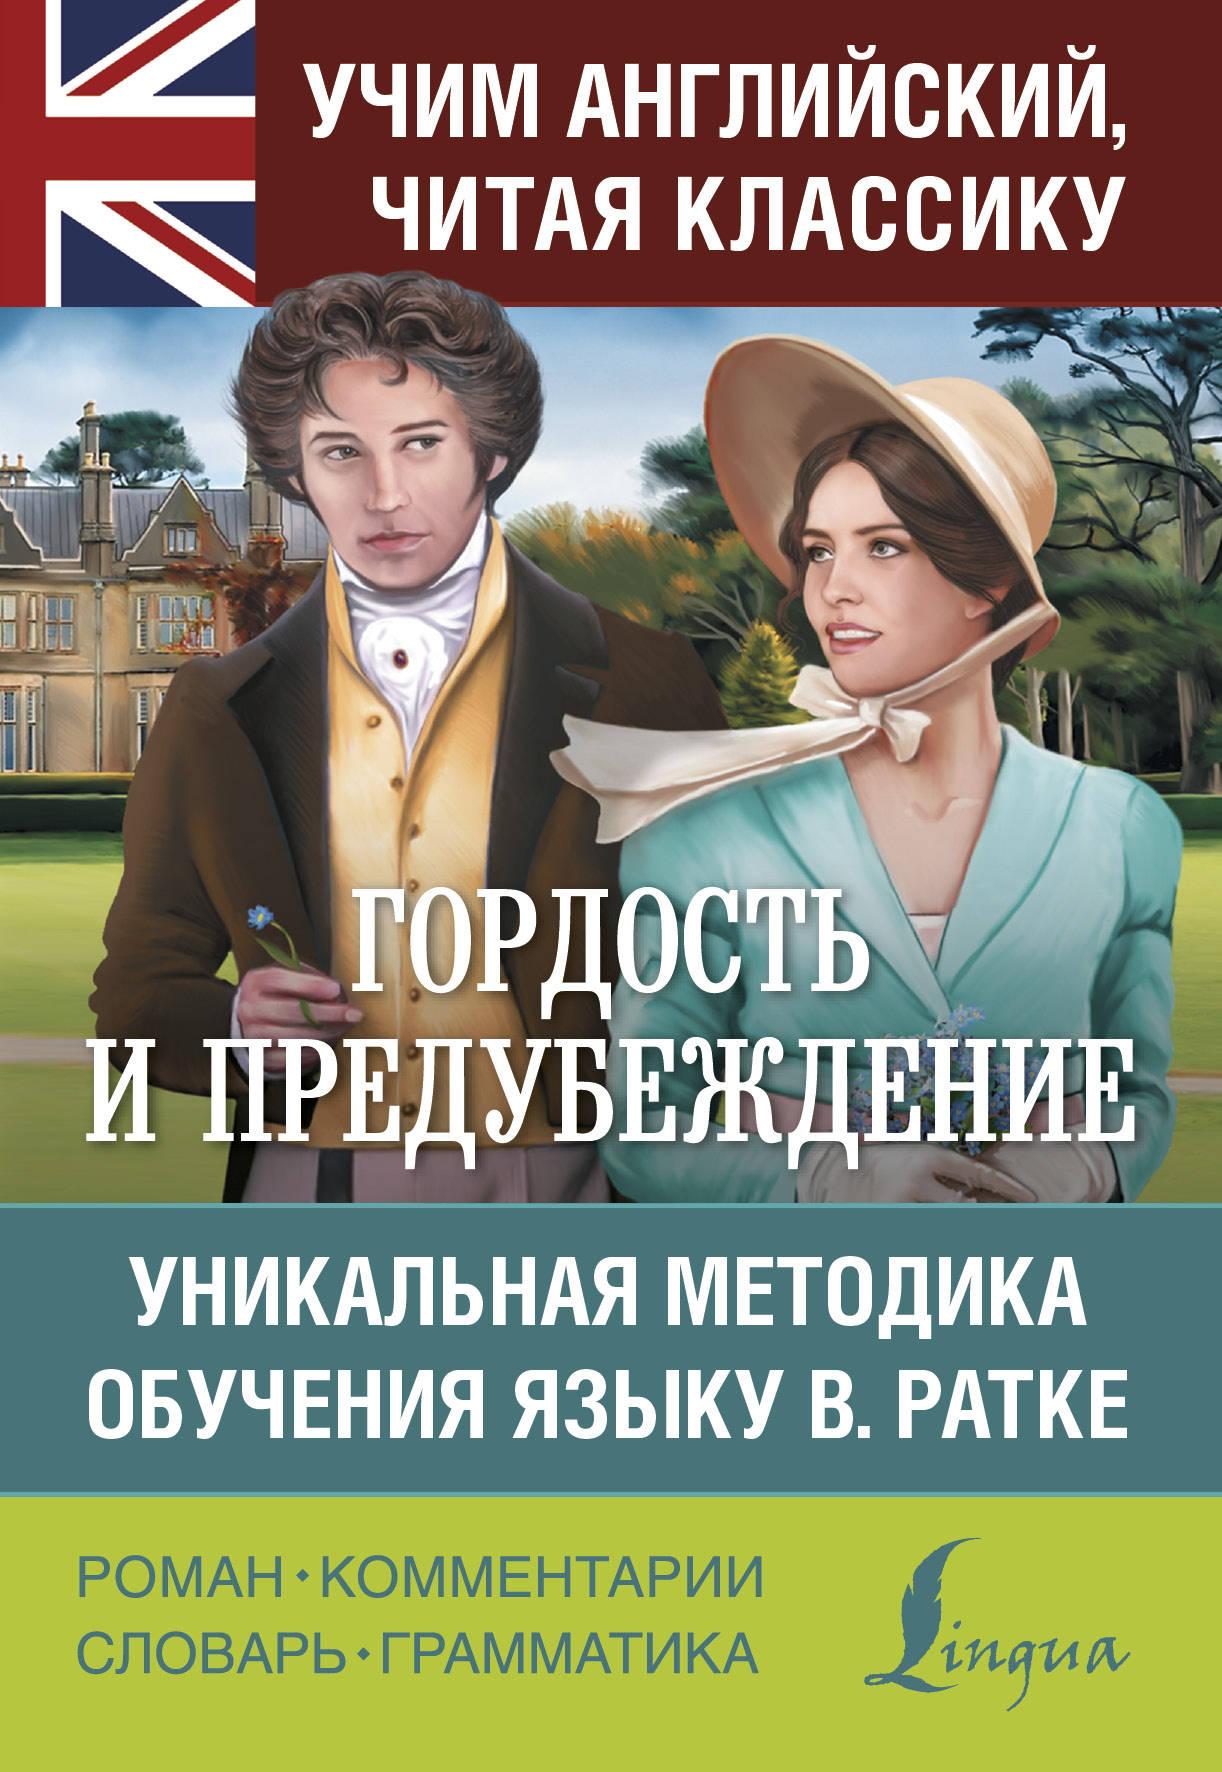 Лучшая английская классика книги